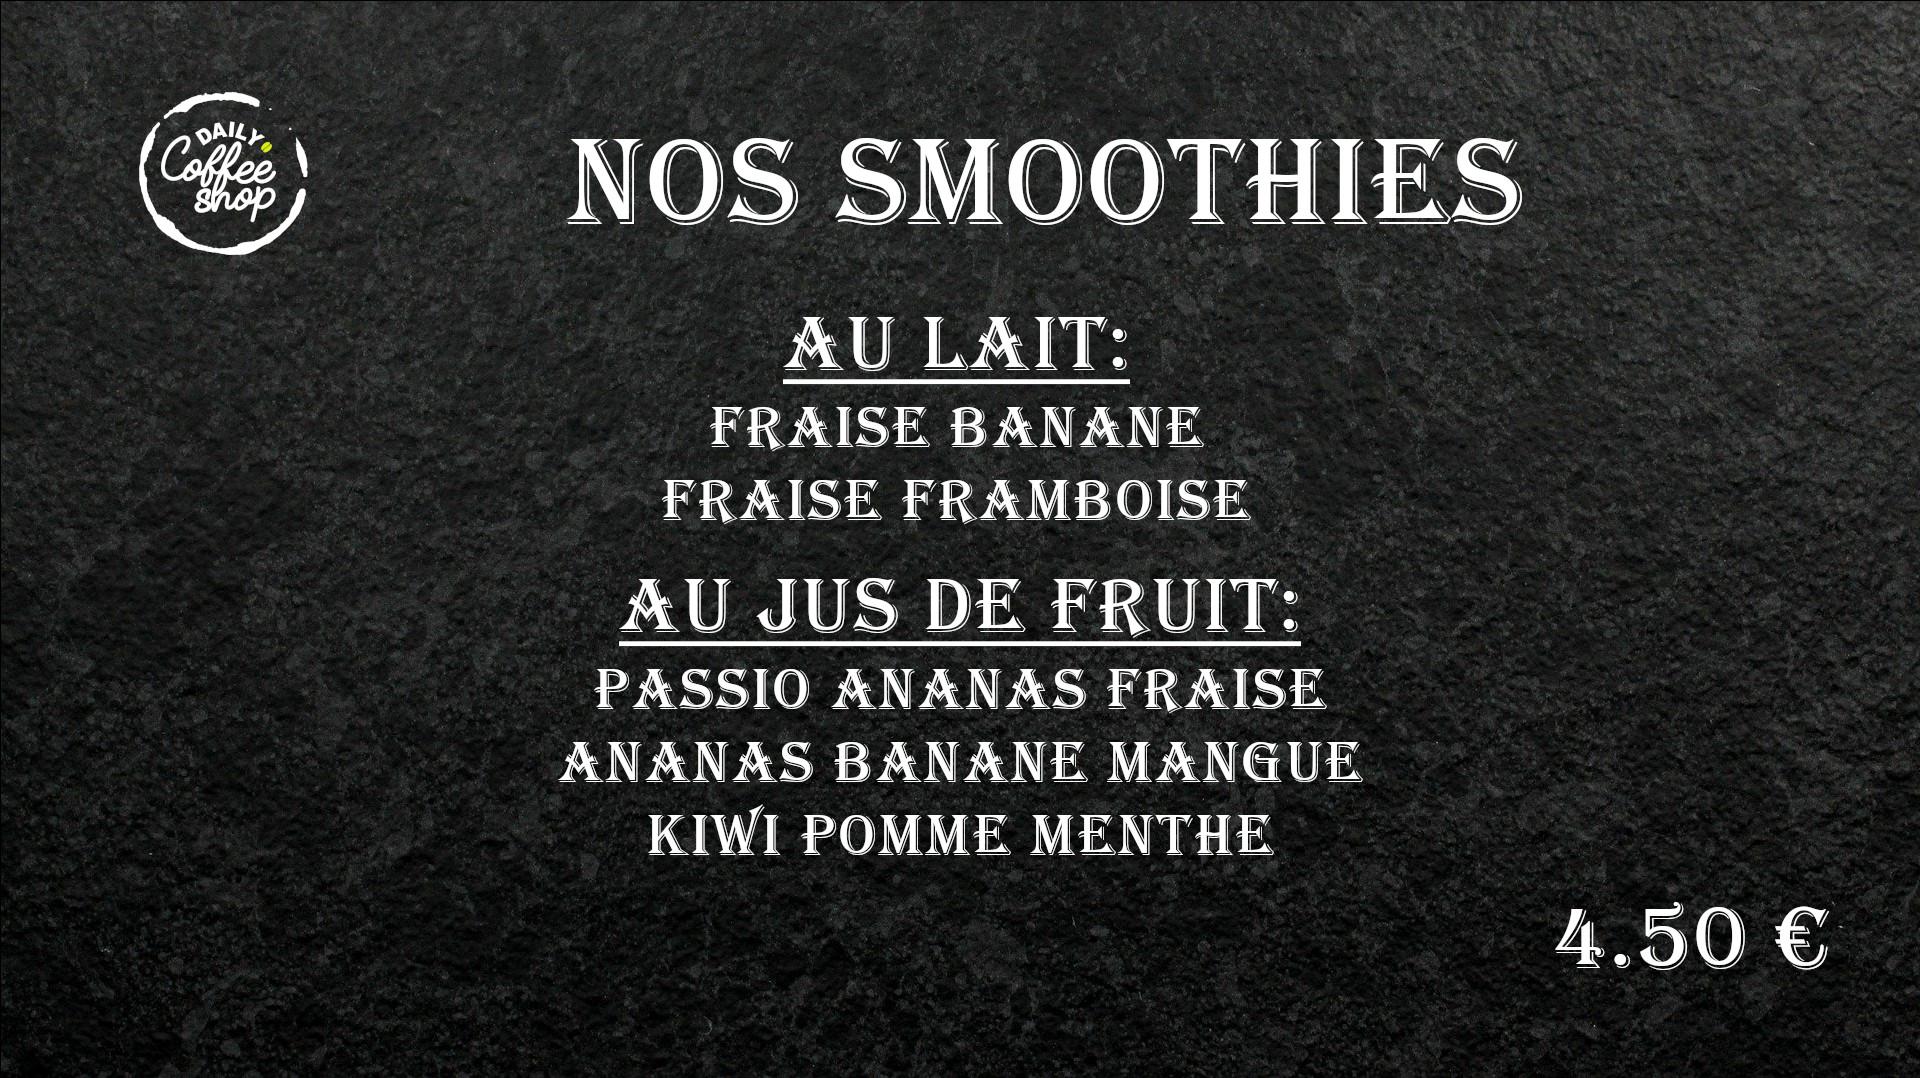 Images du menu nos smoothies de Daily Coffee Shop